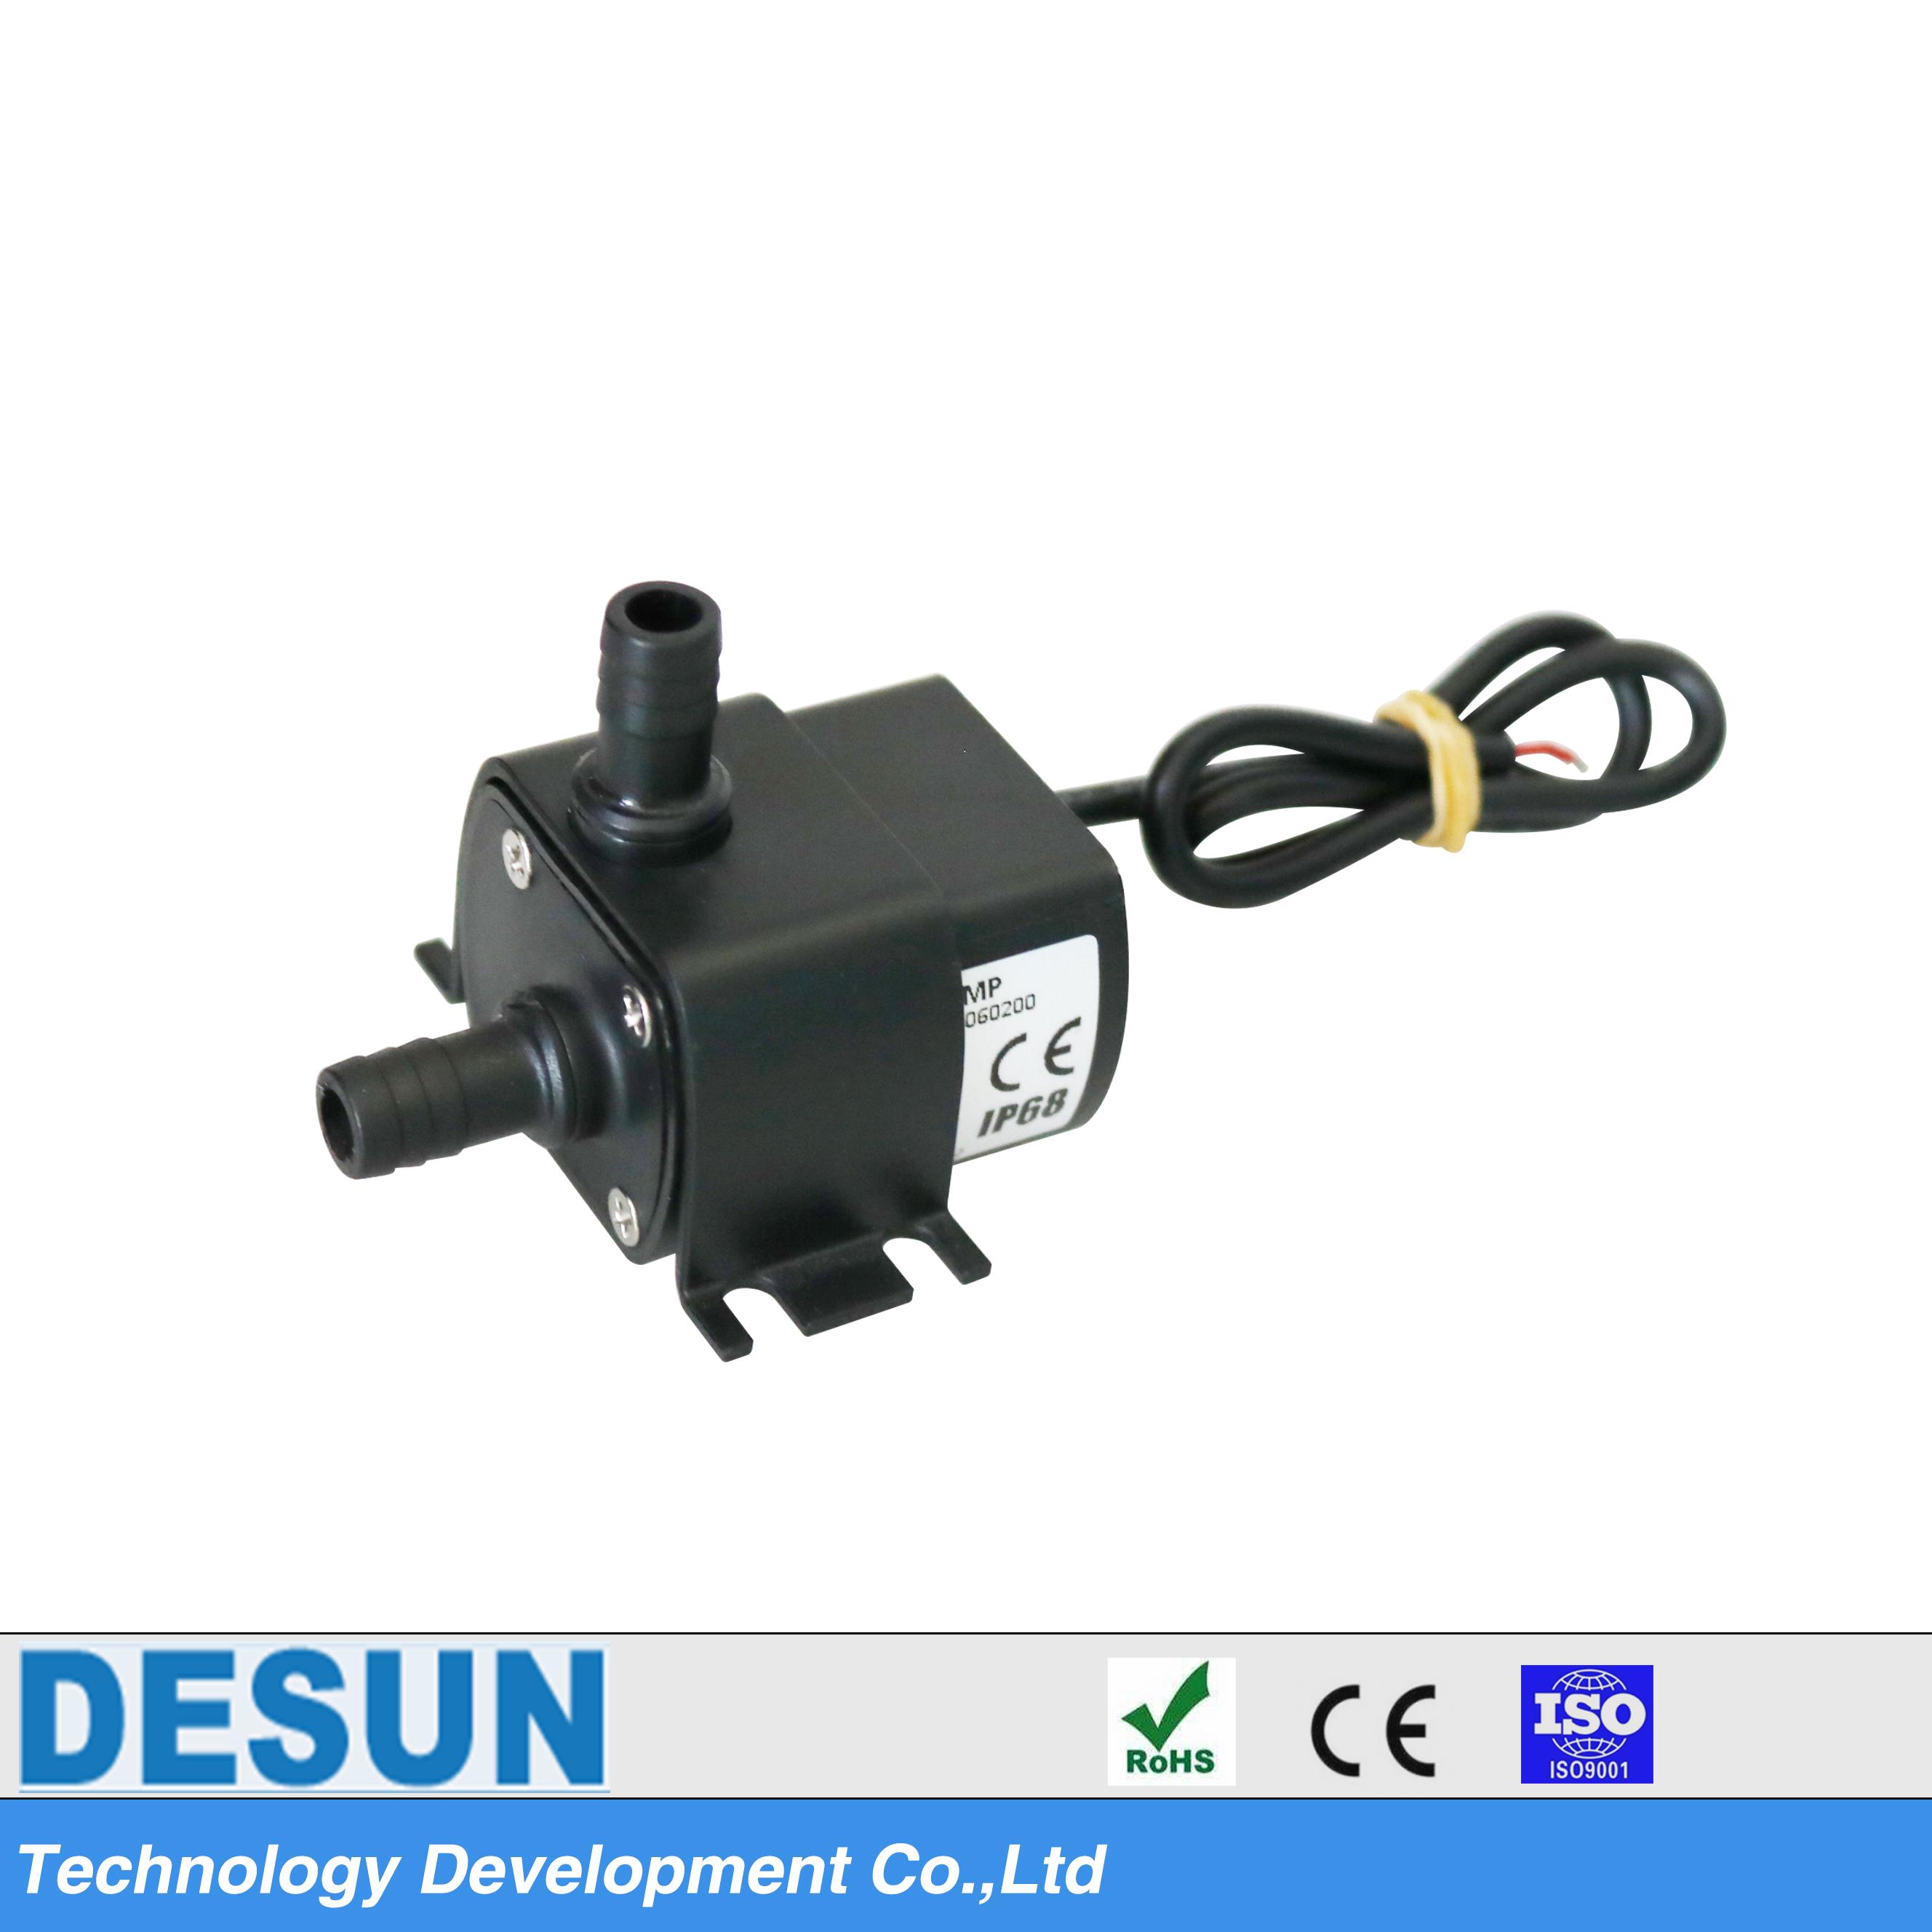 家用电器微型水泵DS3002